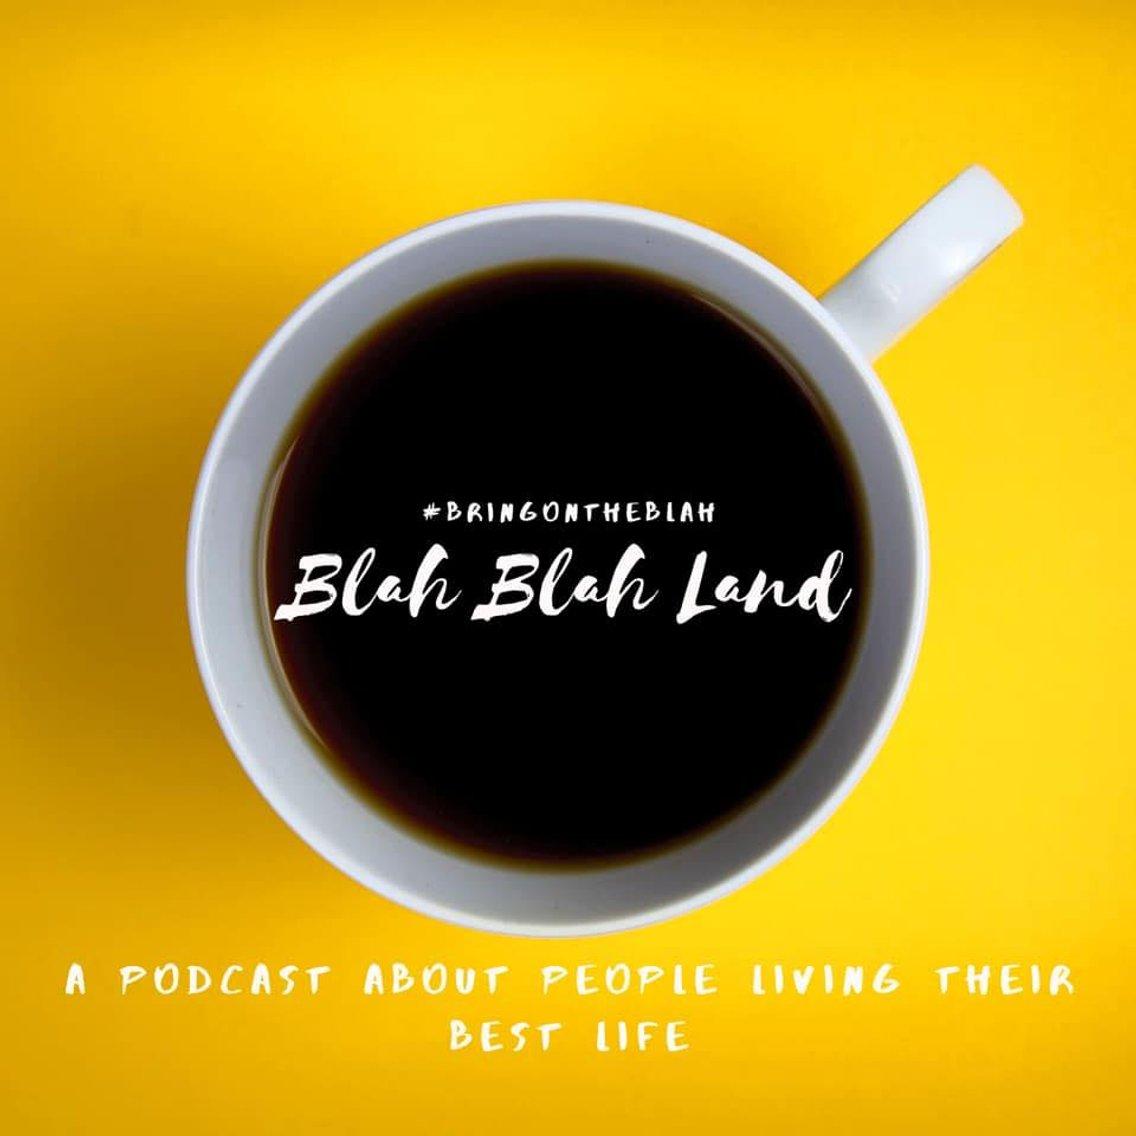 Blah Blah Land - Cover Image